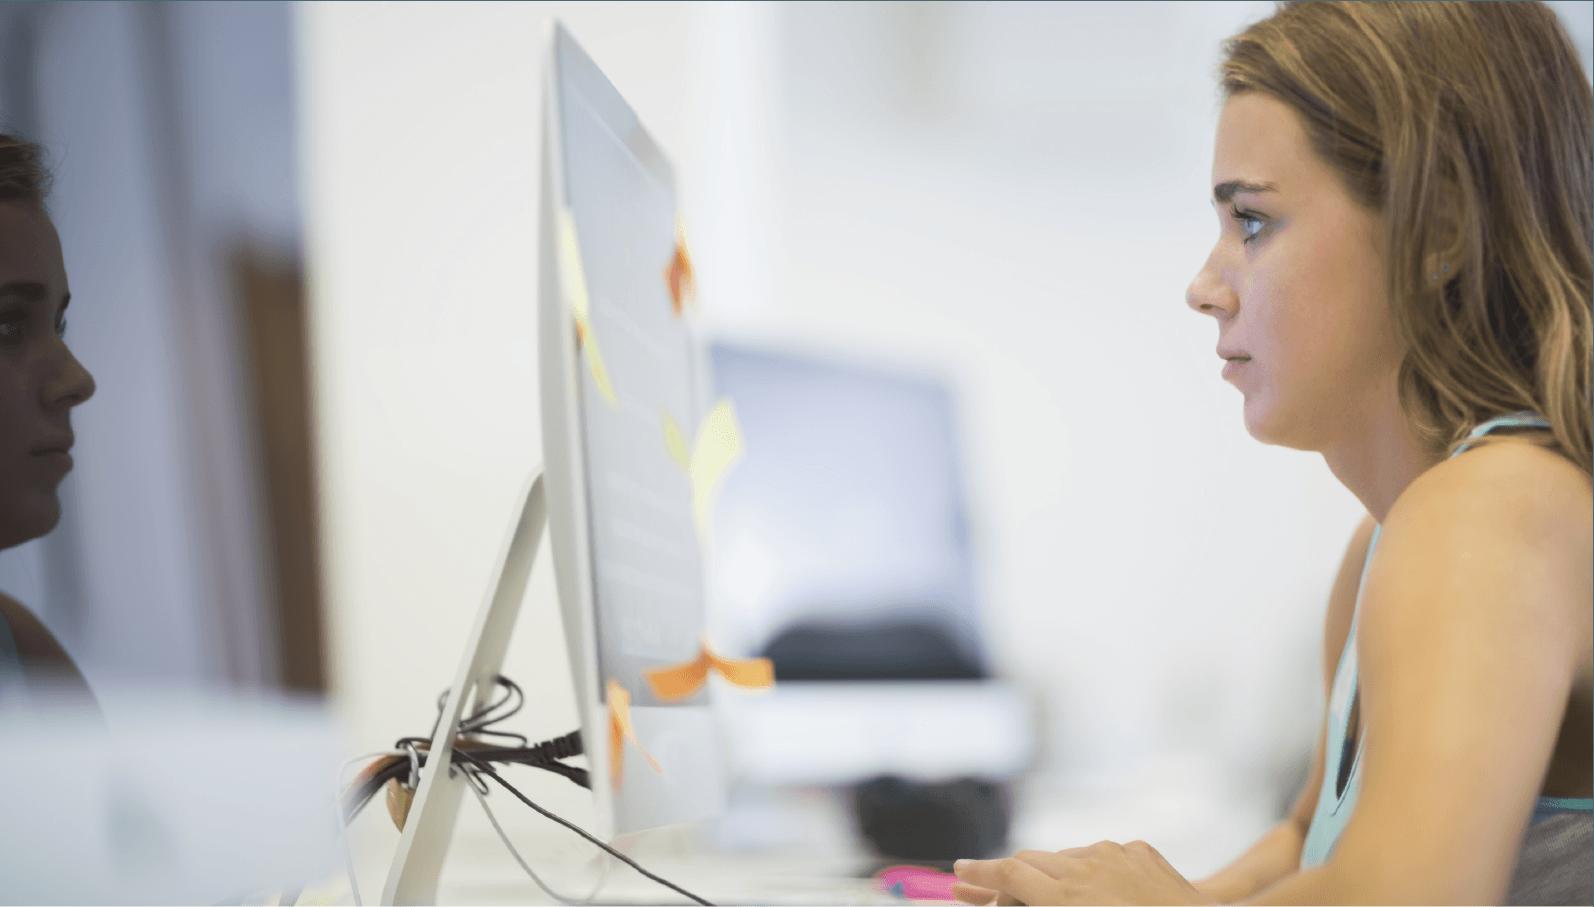 Aptho, suplantación de identidad, en exámenes online